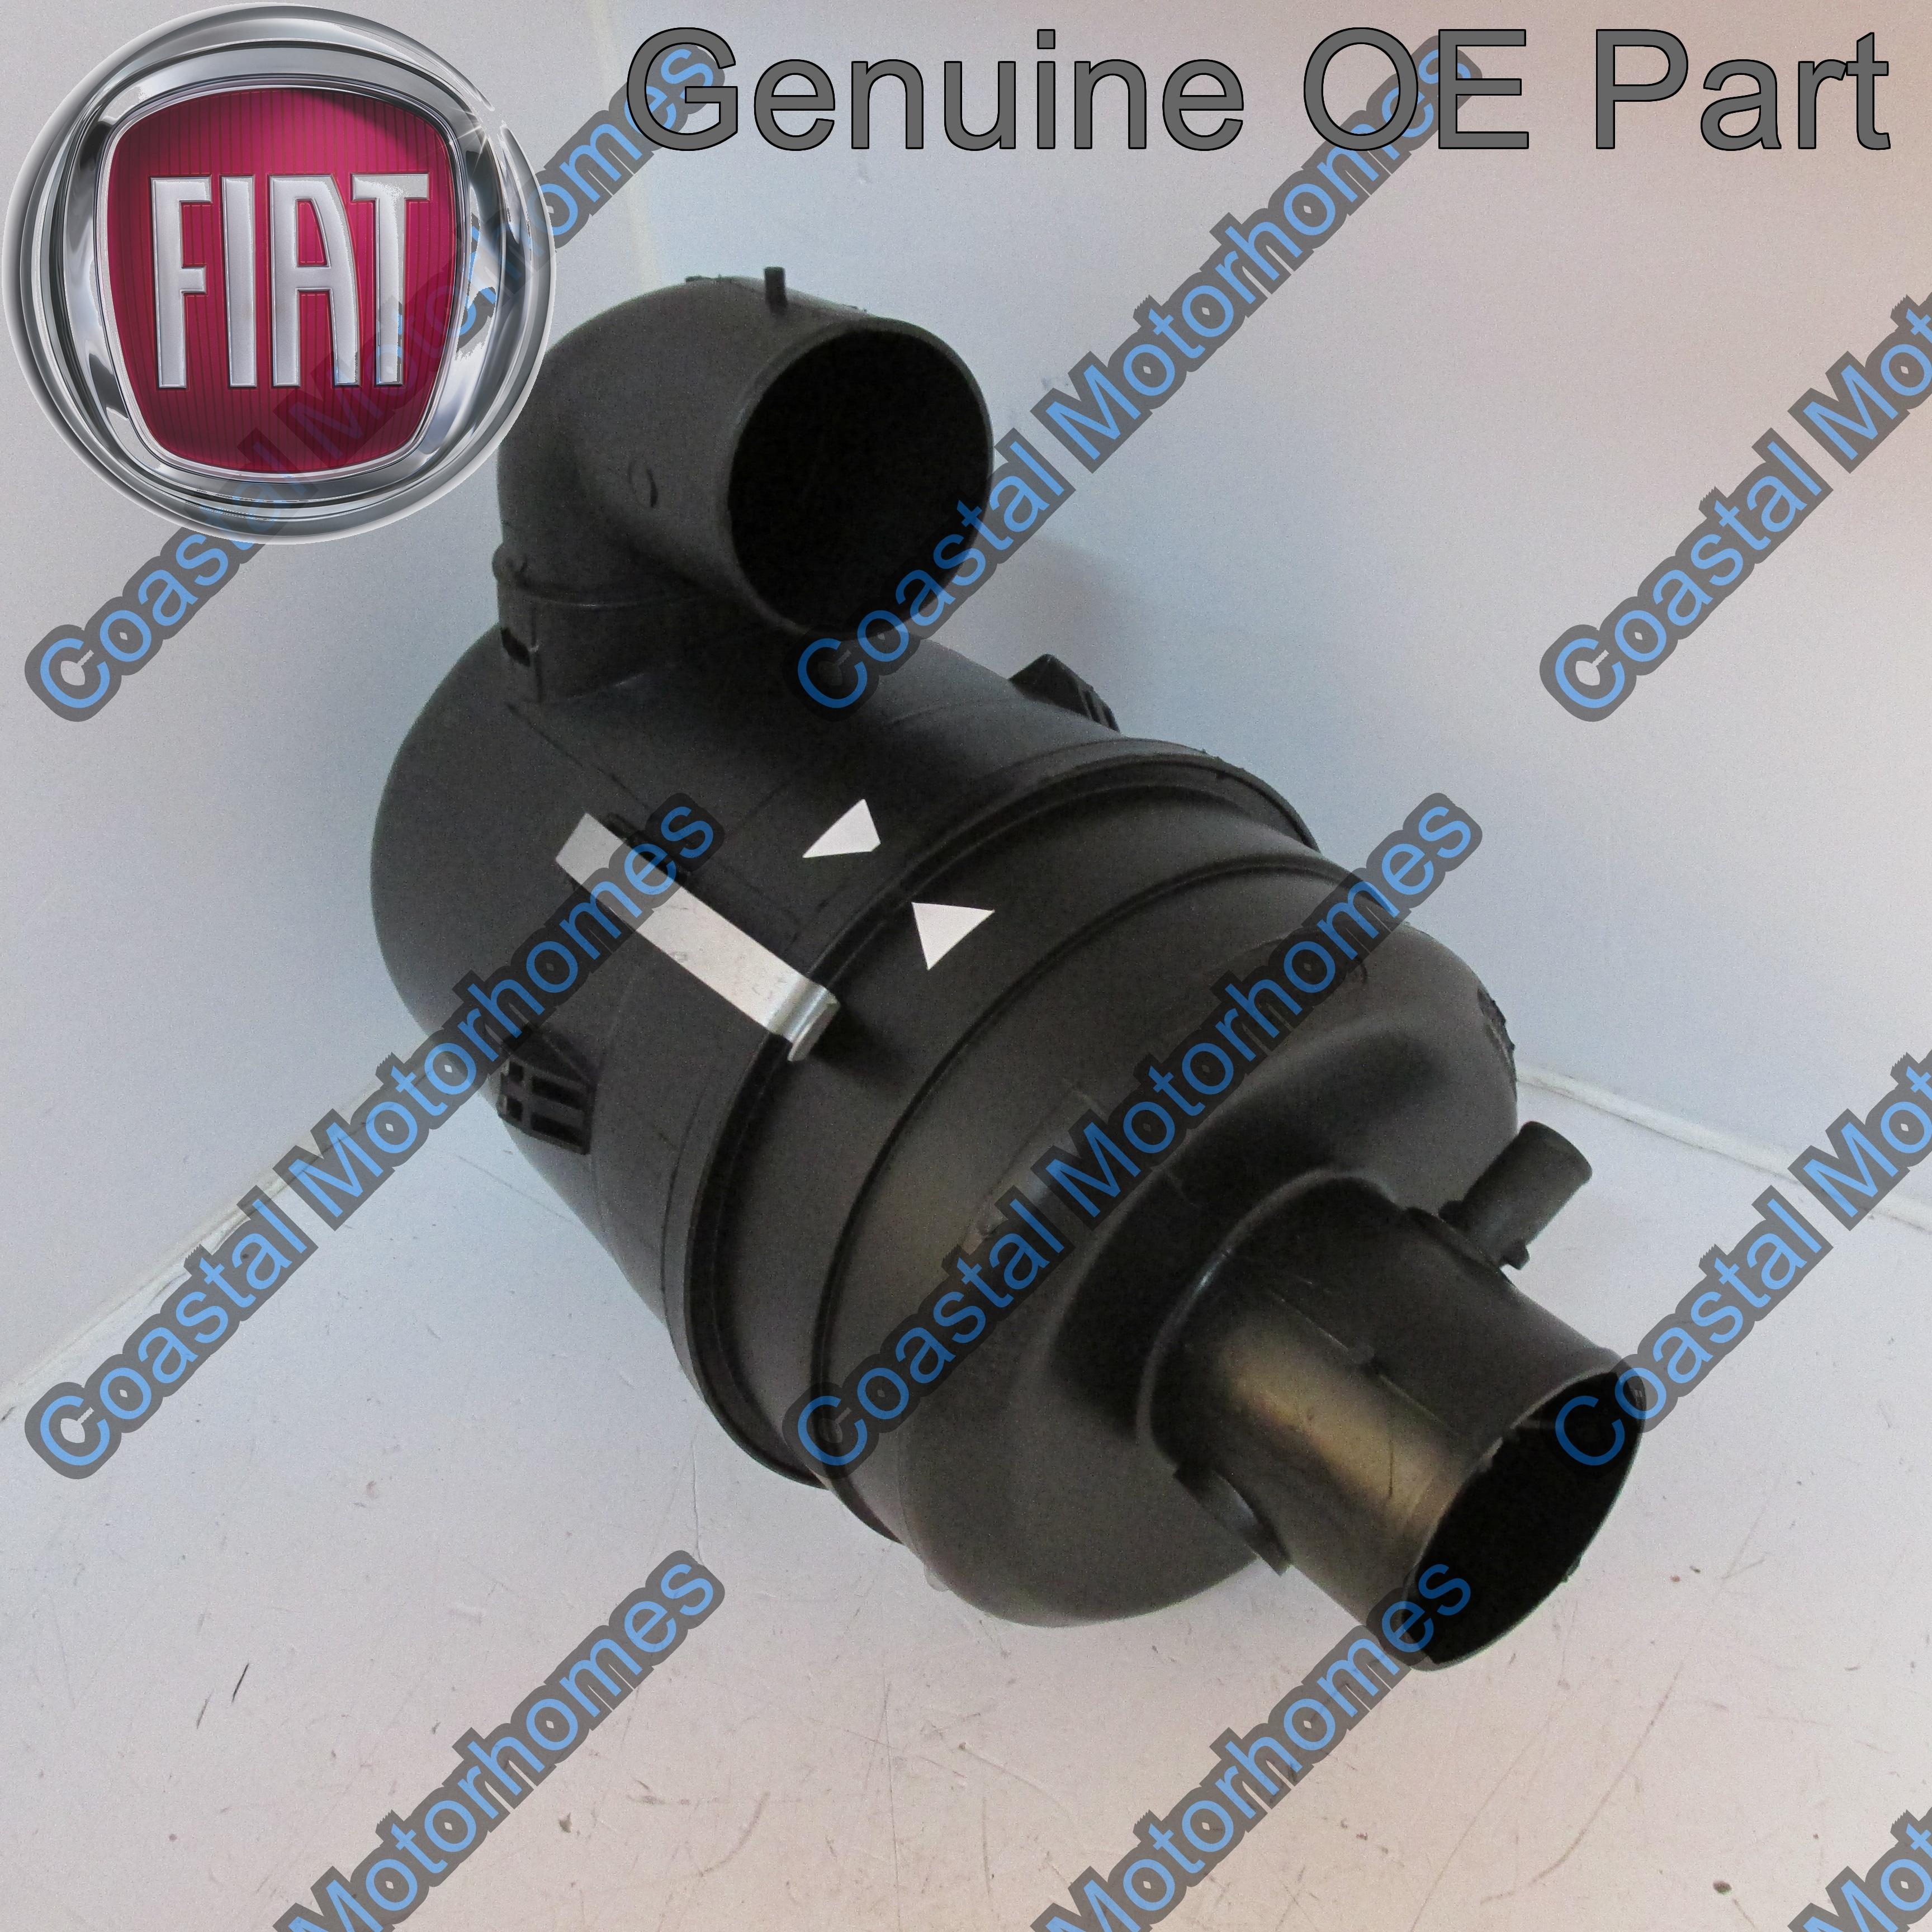 Fits Peugeot Boxer 1.9 TD Genuine UFI Engine Air Filter